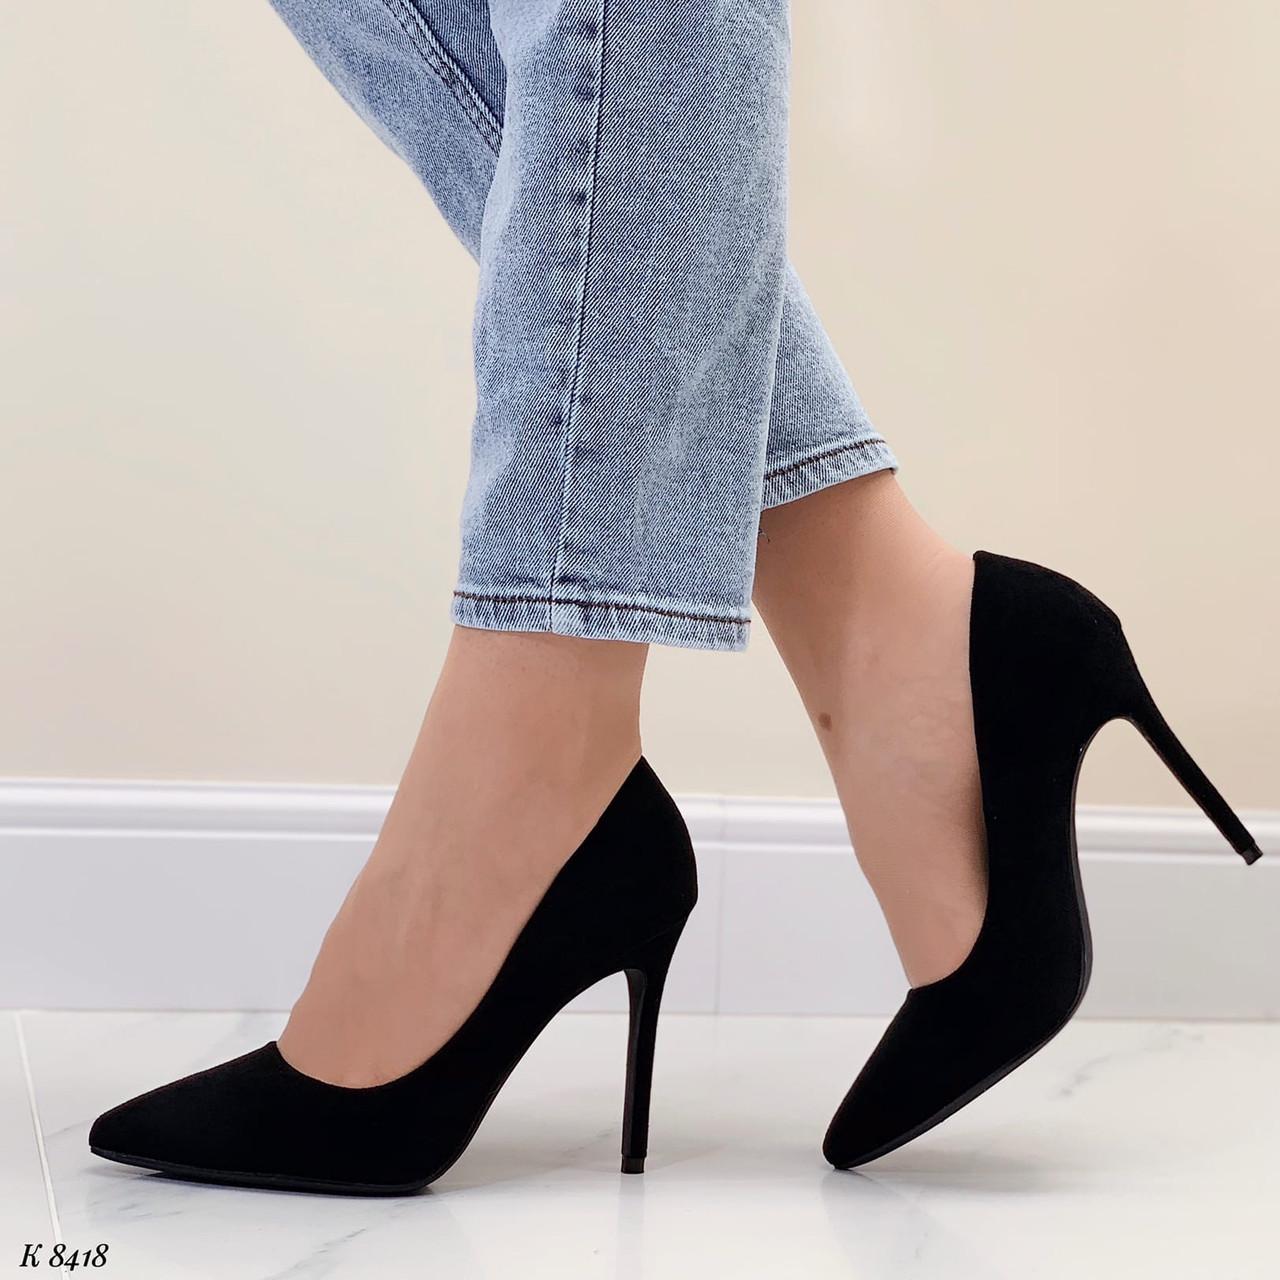 Женские туфли лодочки черные на каблуке 10,5 см эко-замш